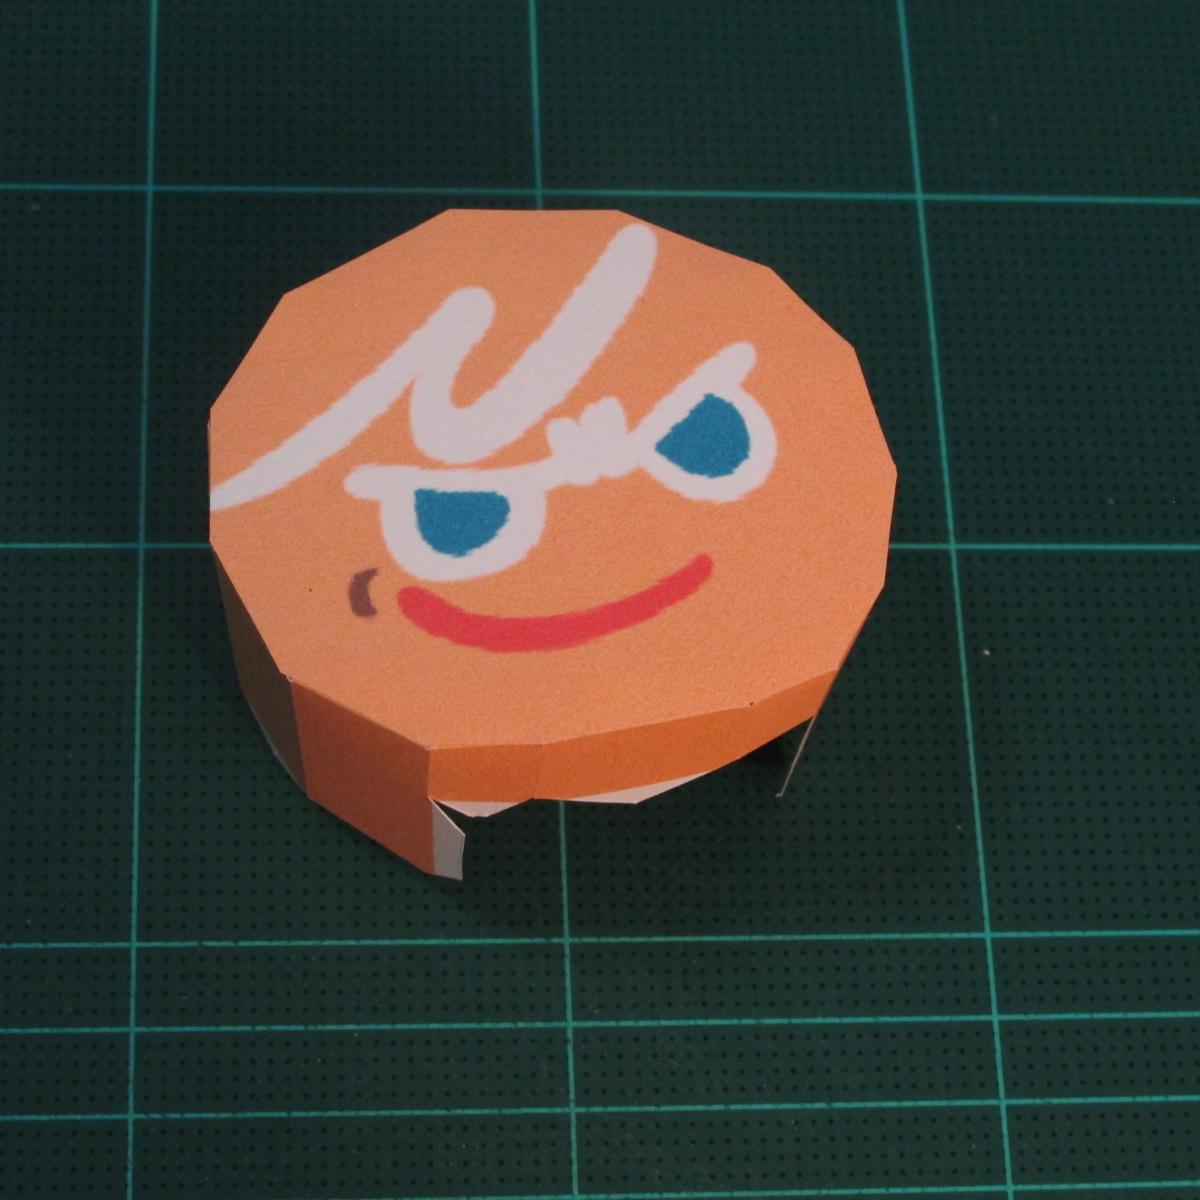 วิธีทำโมเดลกระดาษตุ้กตาคุกกี้รัน คุกกี้ผู้กล้าหาญ แบบที่ 2 (LINE Cookie Run Brave Cookie Papercraft Model Version 2) 007